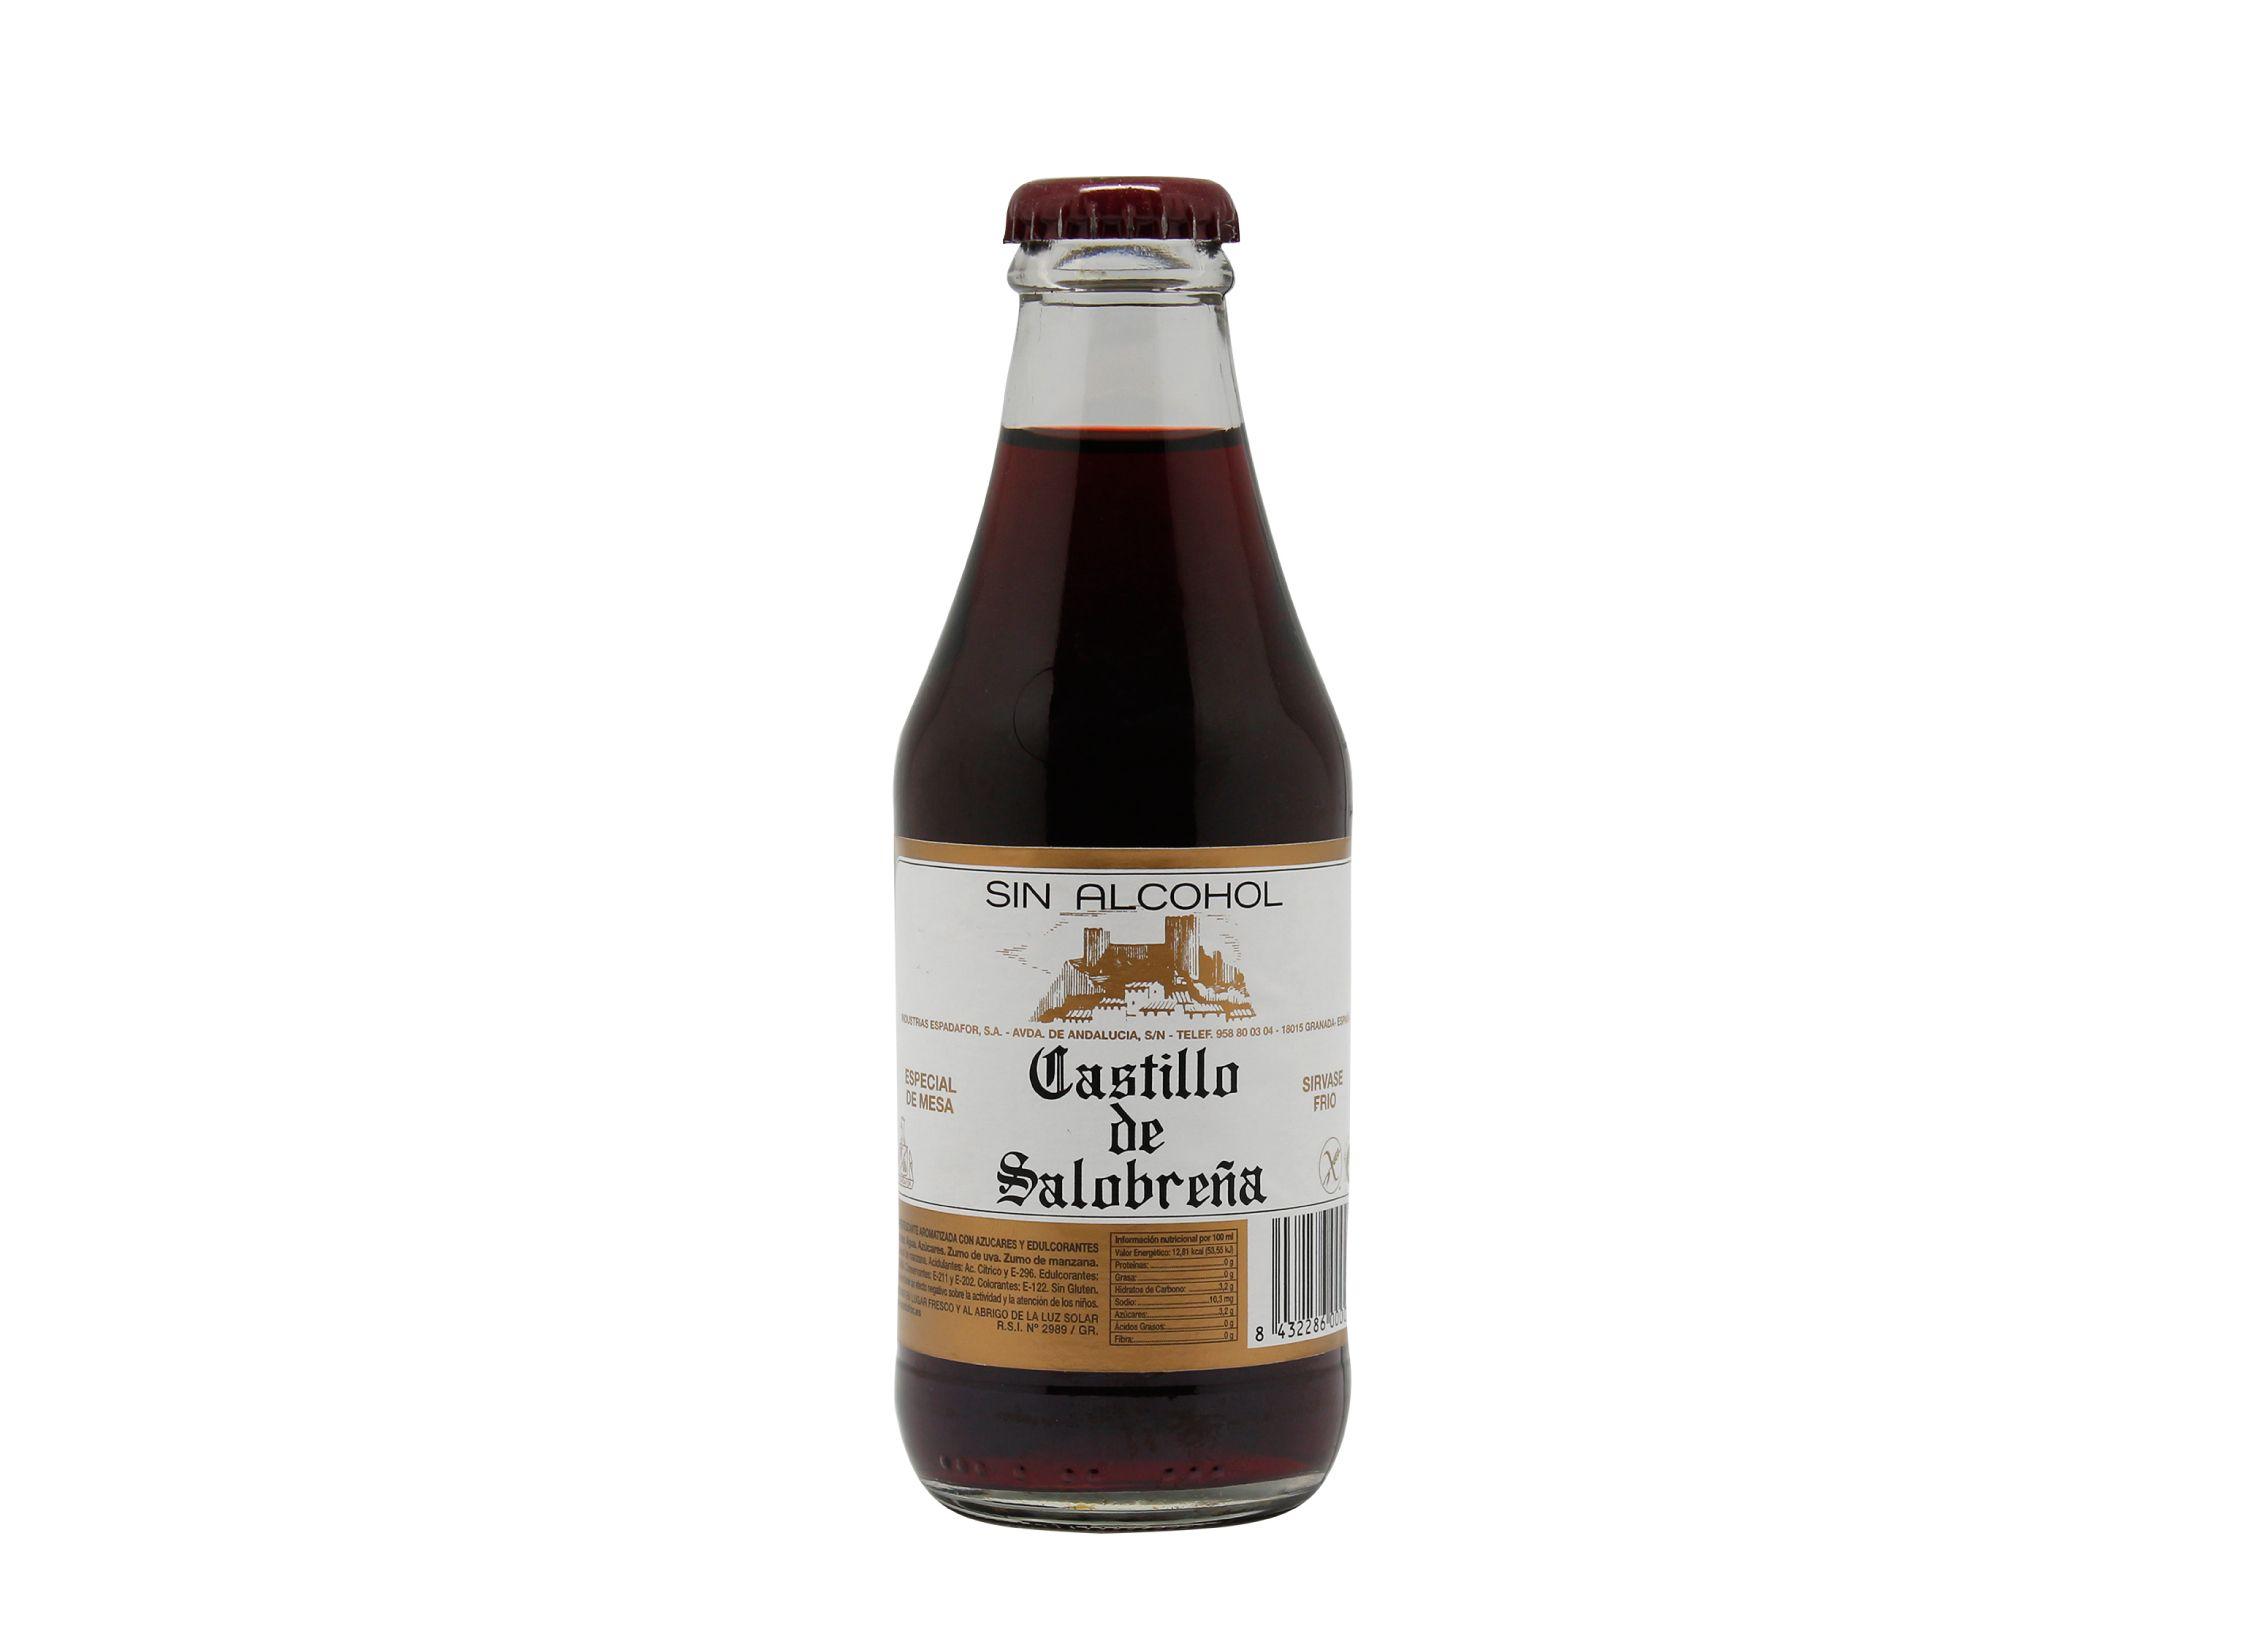 botellín de 20cl de bebida castillo de salobreña sin alcohol en formato benjamín. Perfecto para consumos individuales y hostelería